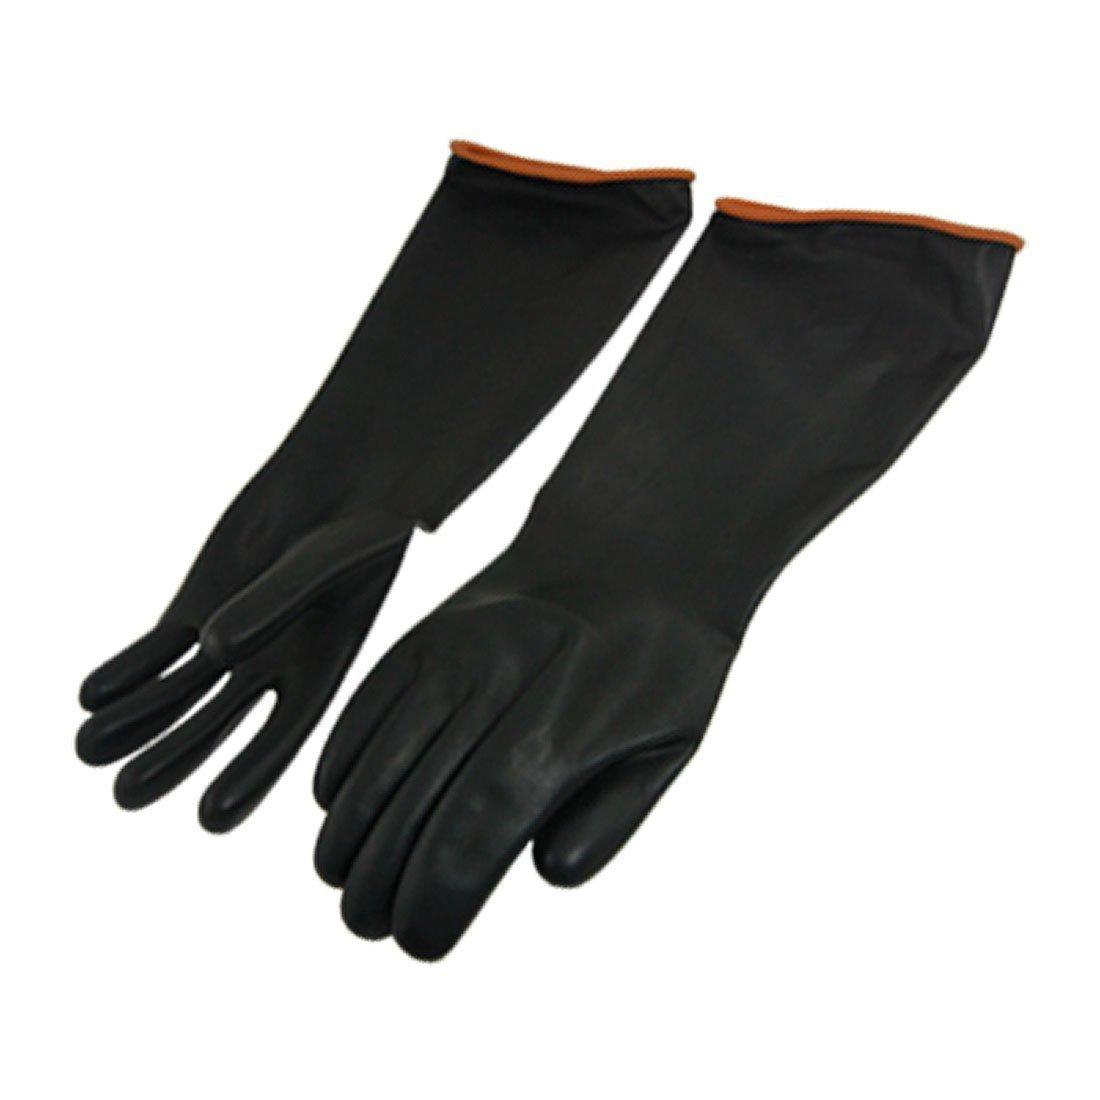 Paar chemikalienbeständigkeit Industrie Ellenbogen lange Gummi Handschuhe 45, 7cm Länge 7cm Länge Sourcingmap a11111100ux0133